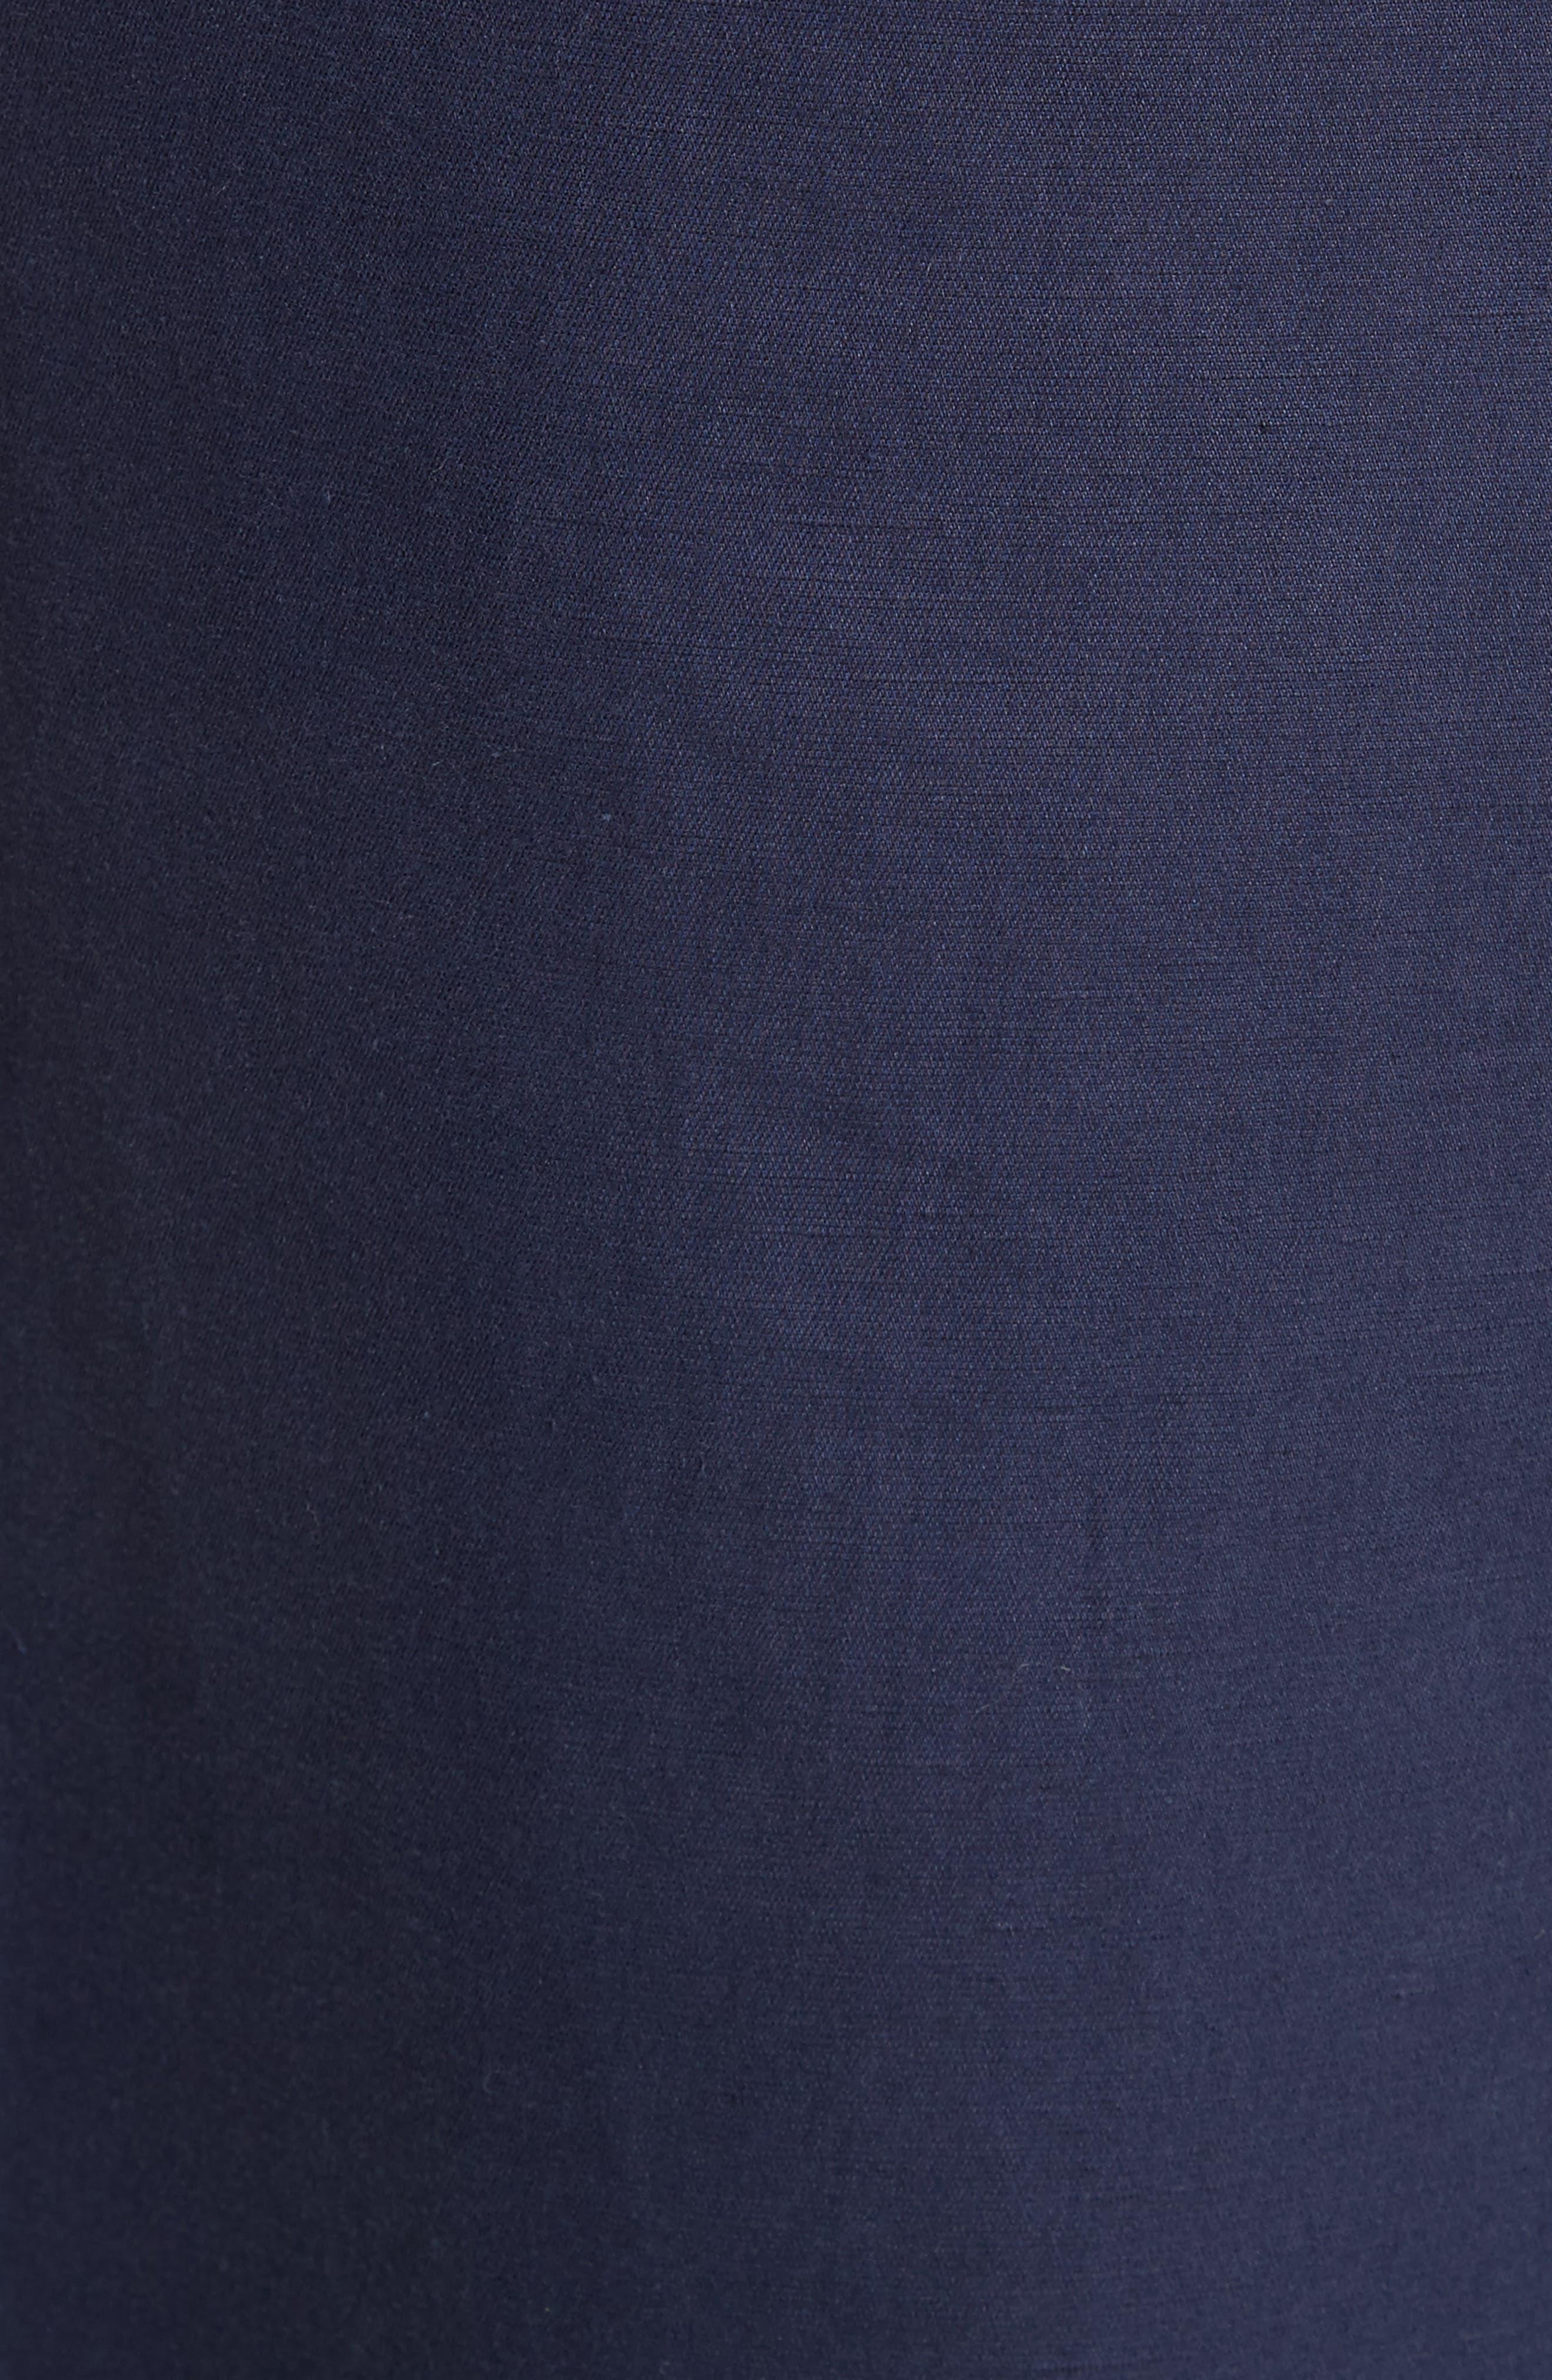 Chassis Plain Weave Crop Pants,                             Alternate thumbnail 6, color,                             Navy